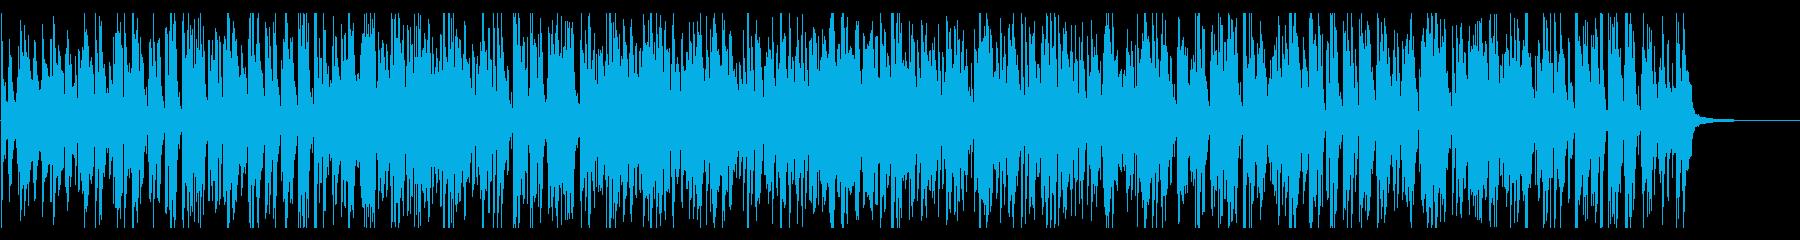 ファンキーでカッコいいジャズの再生済みの波形